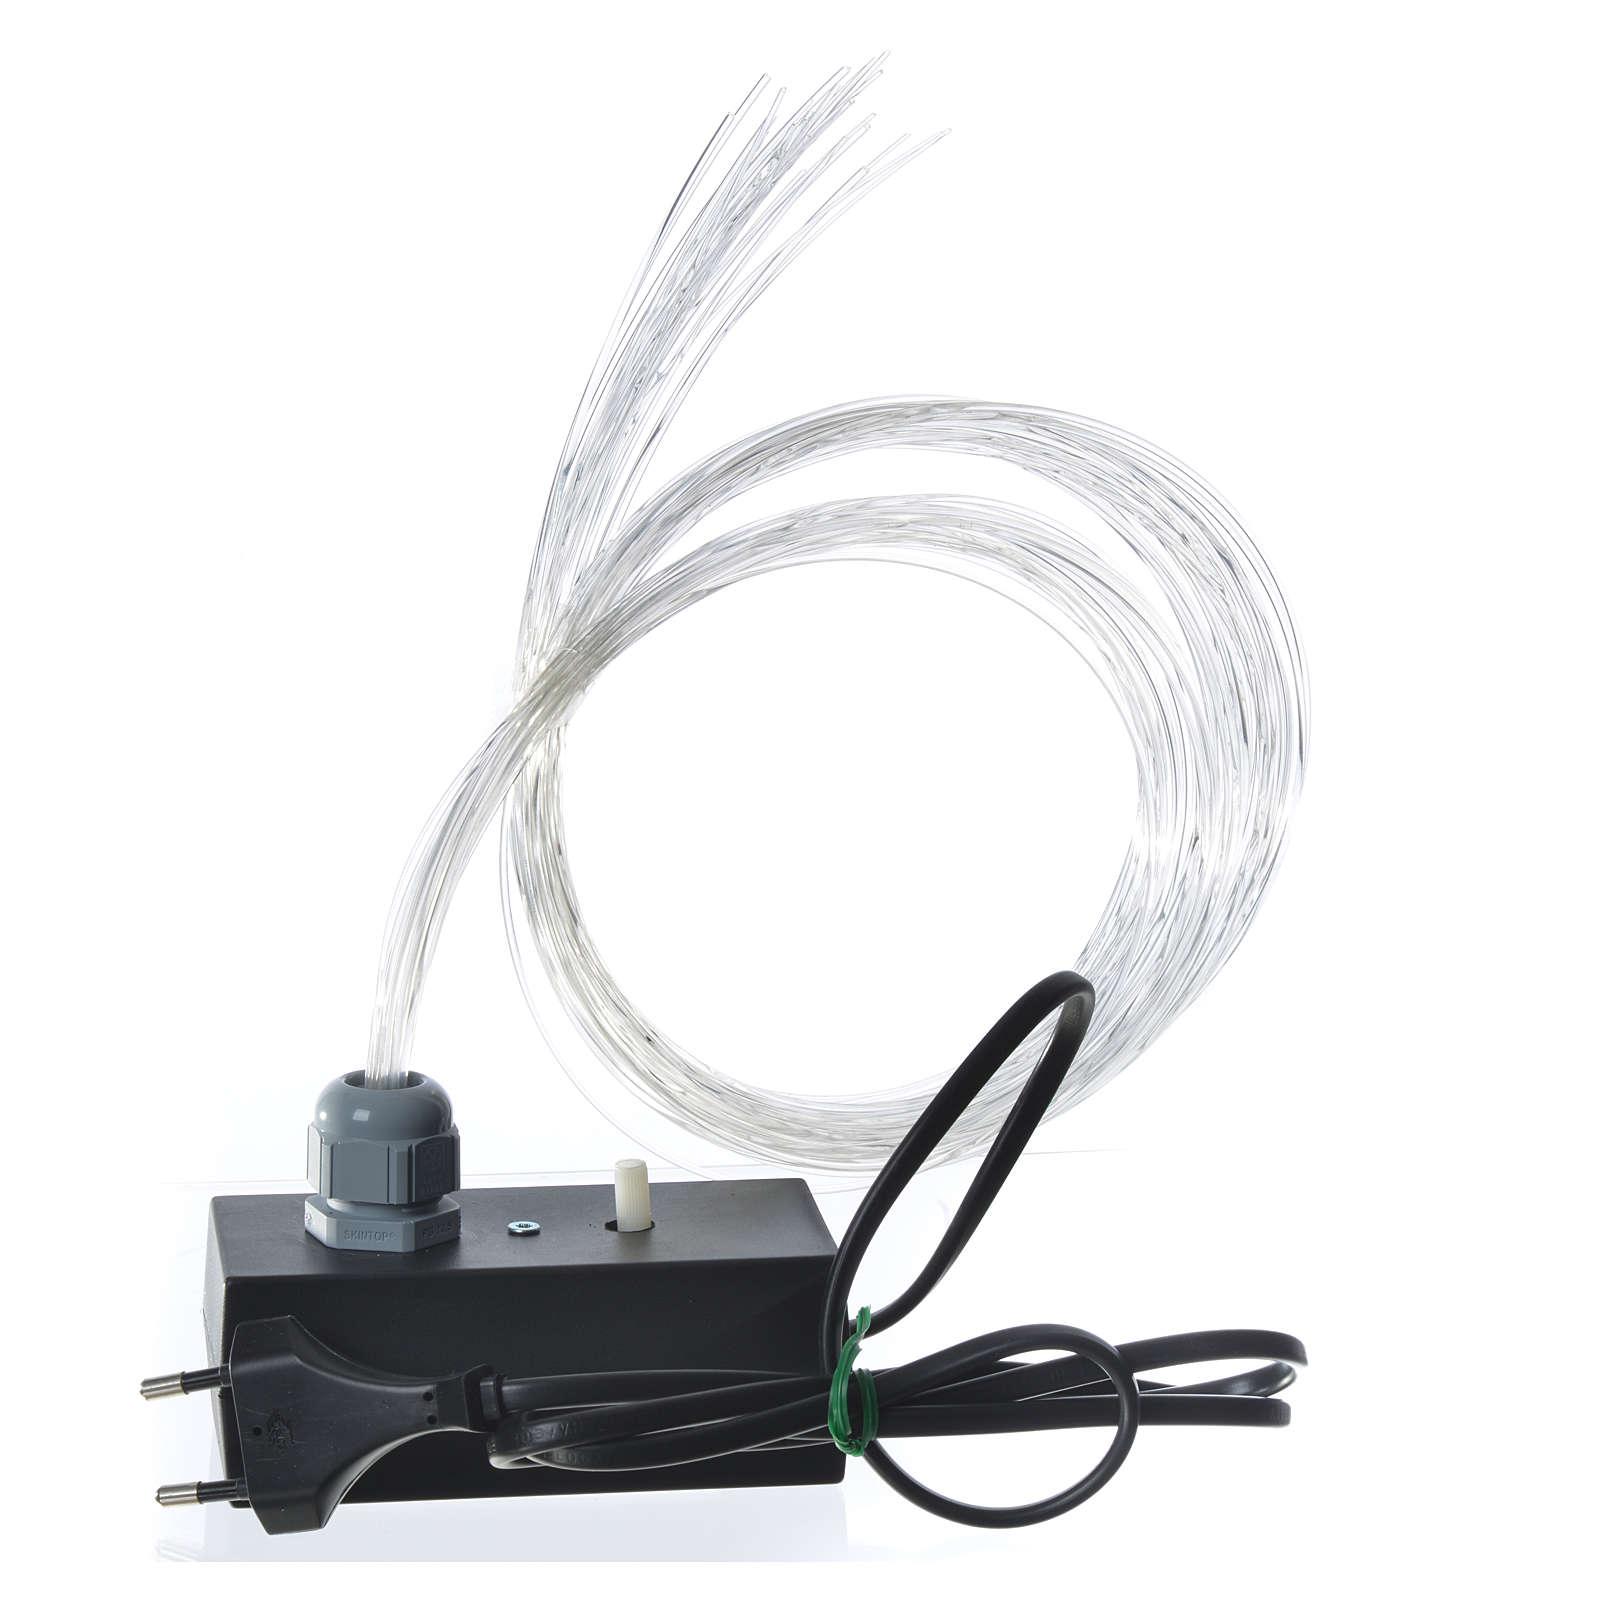 Fibra óptica 1 m belén iluminador led fundido parpadeo 4